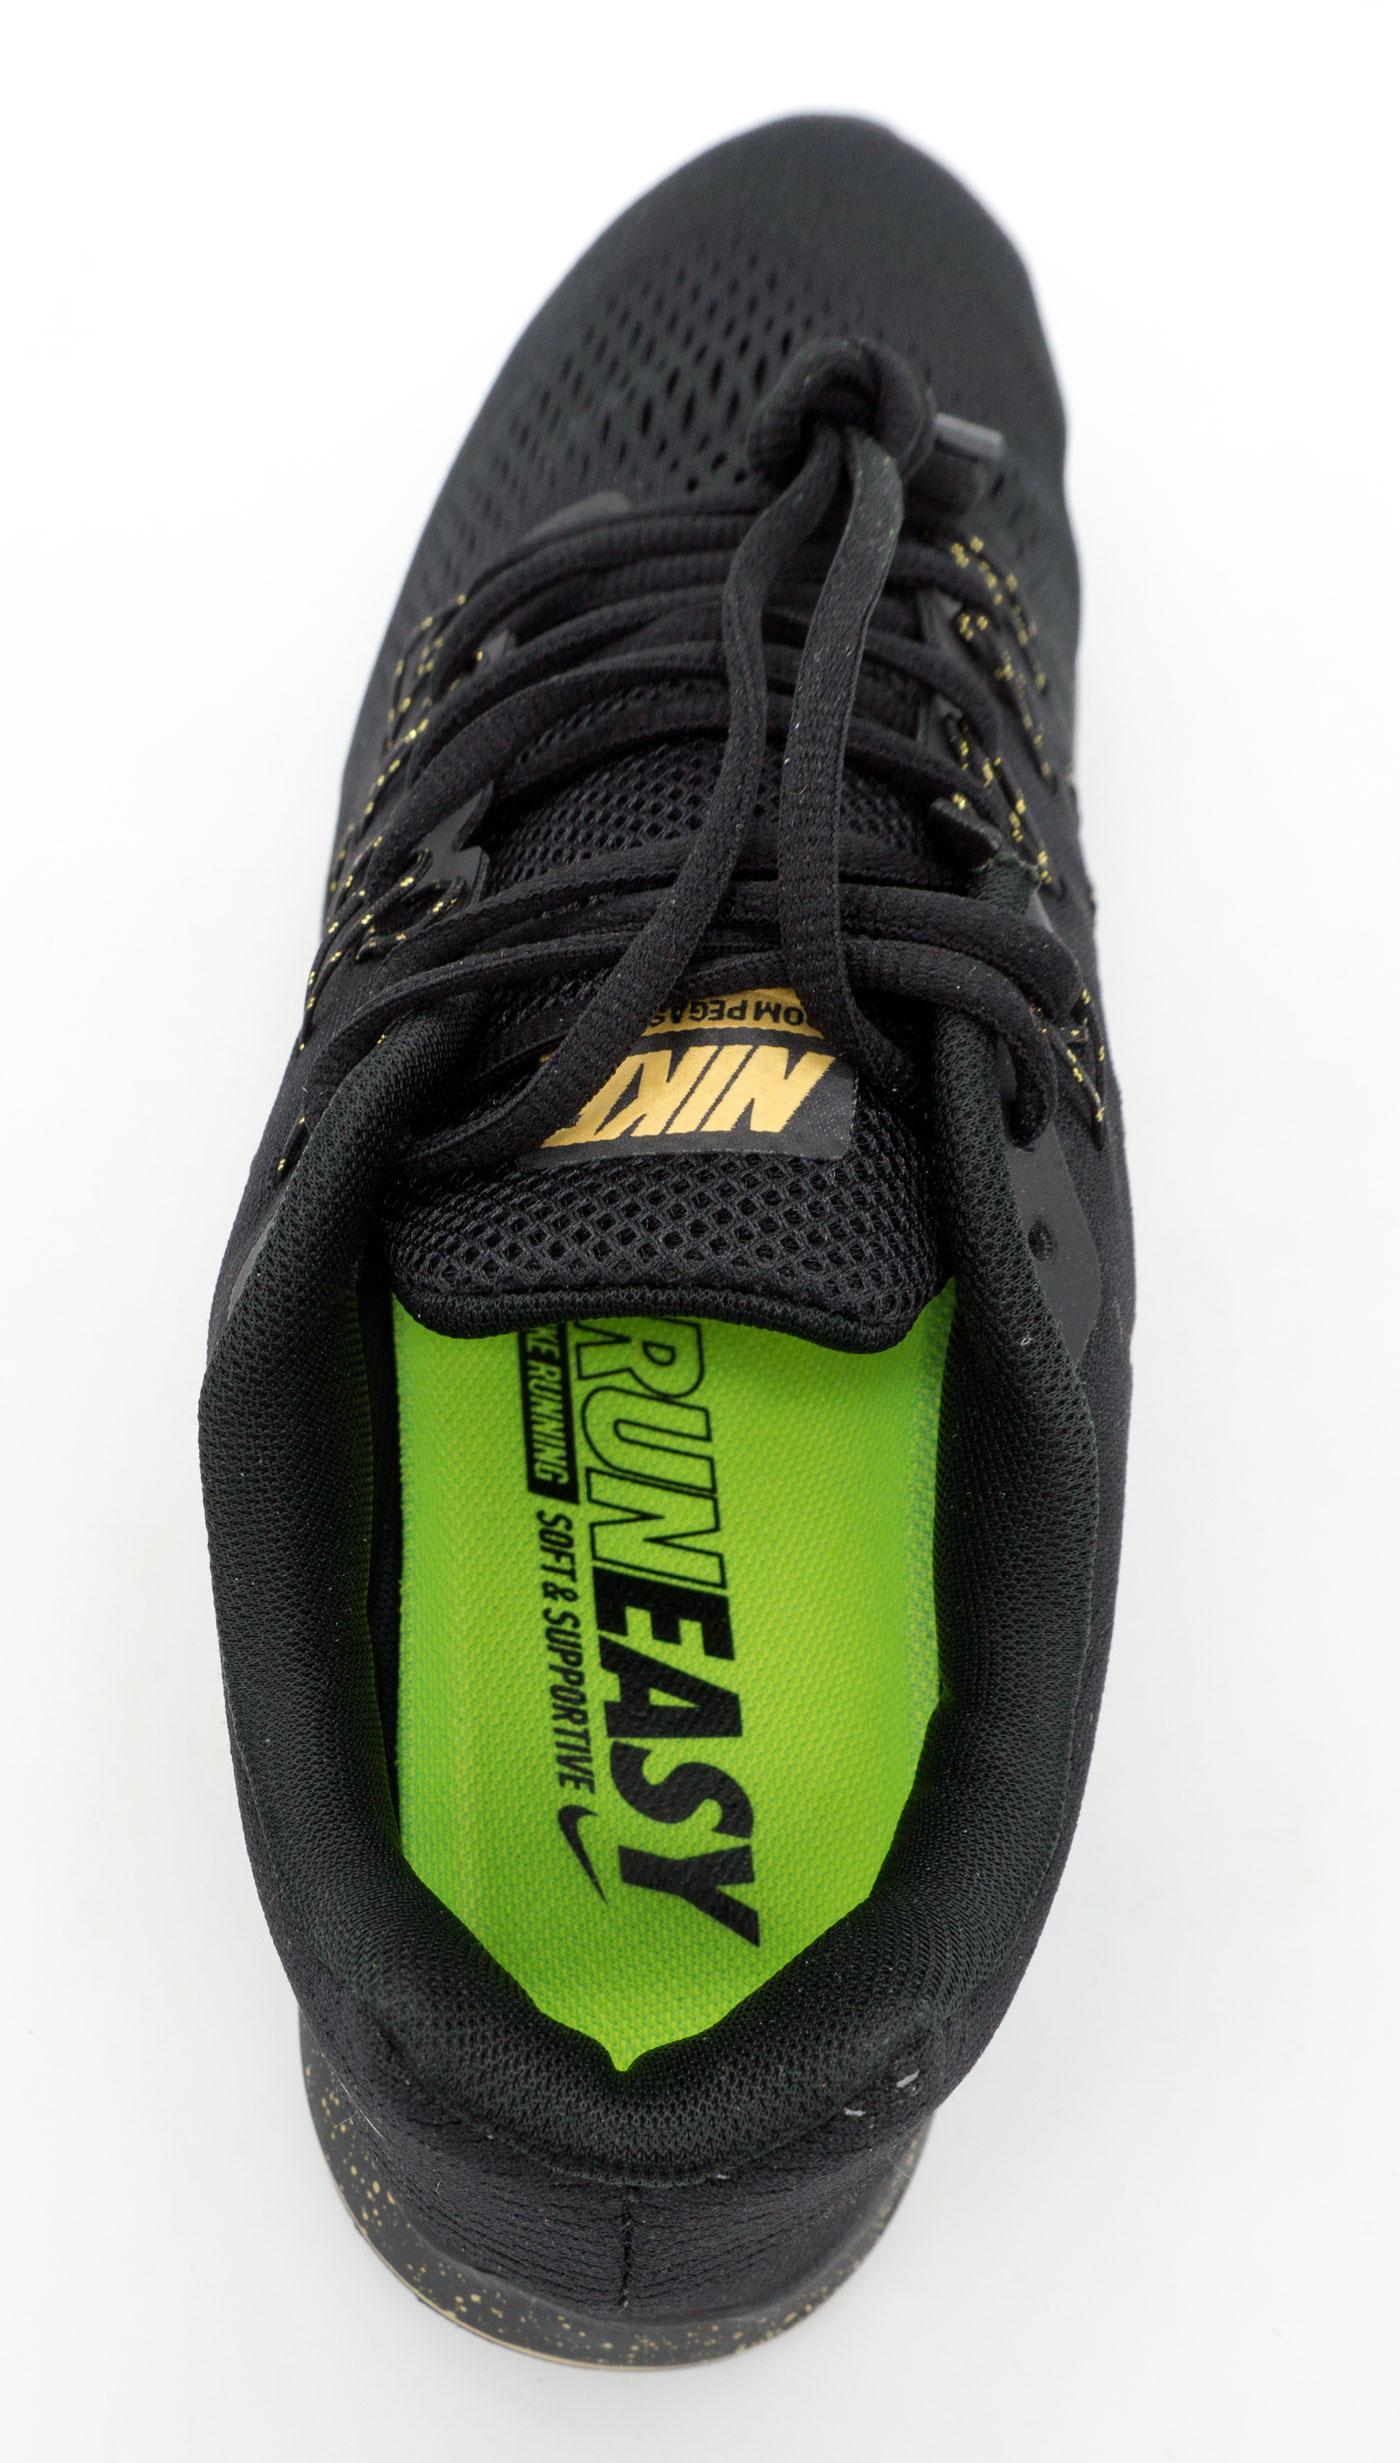 большое фото №6 Мужские кроссовки для бега Nike Zoom Pegasus 33 черные-золото. Топ качество!